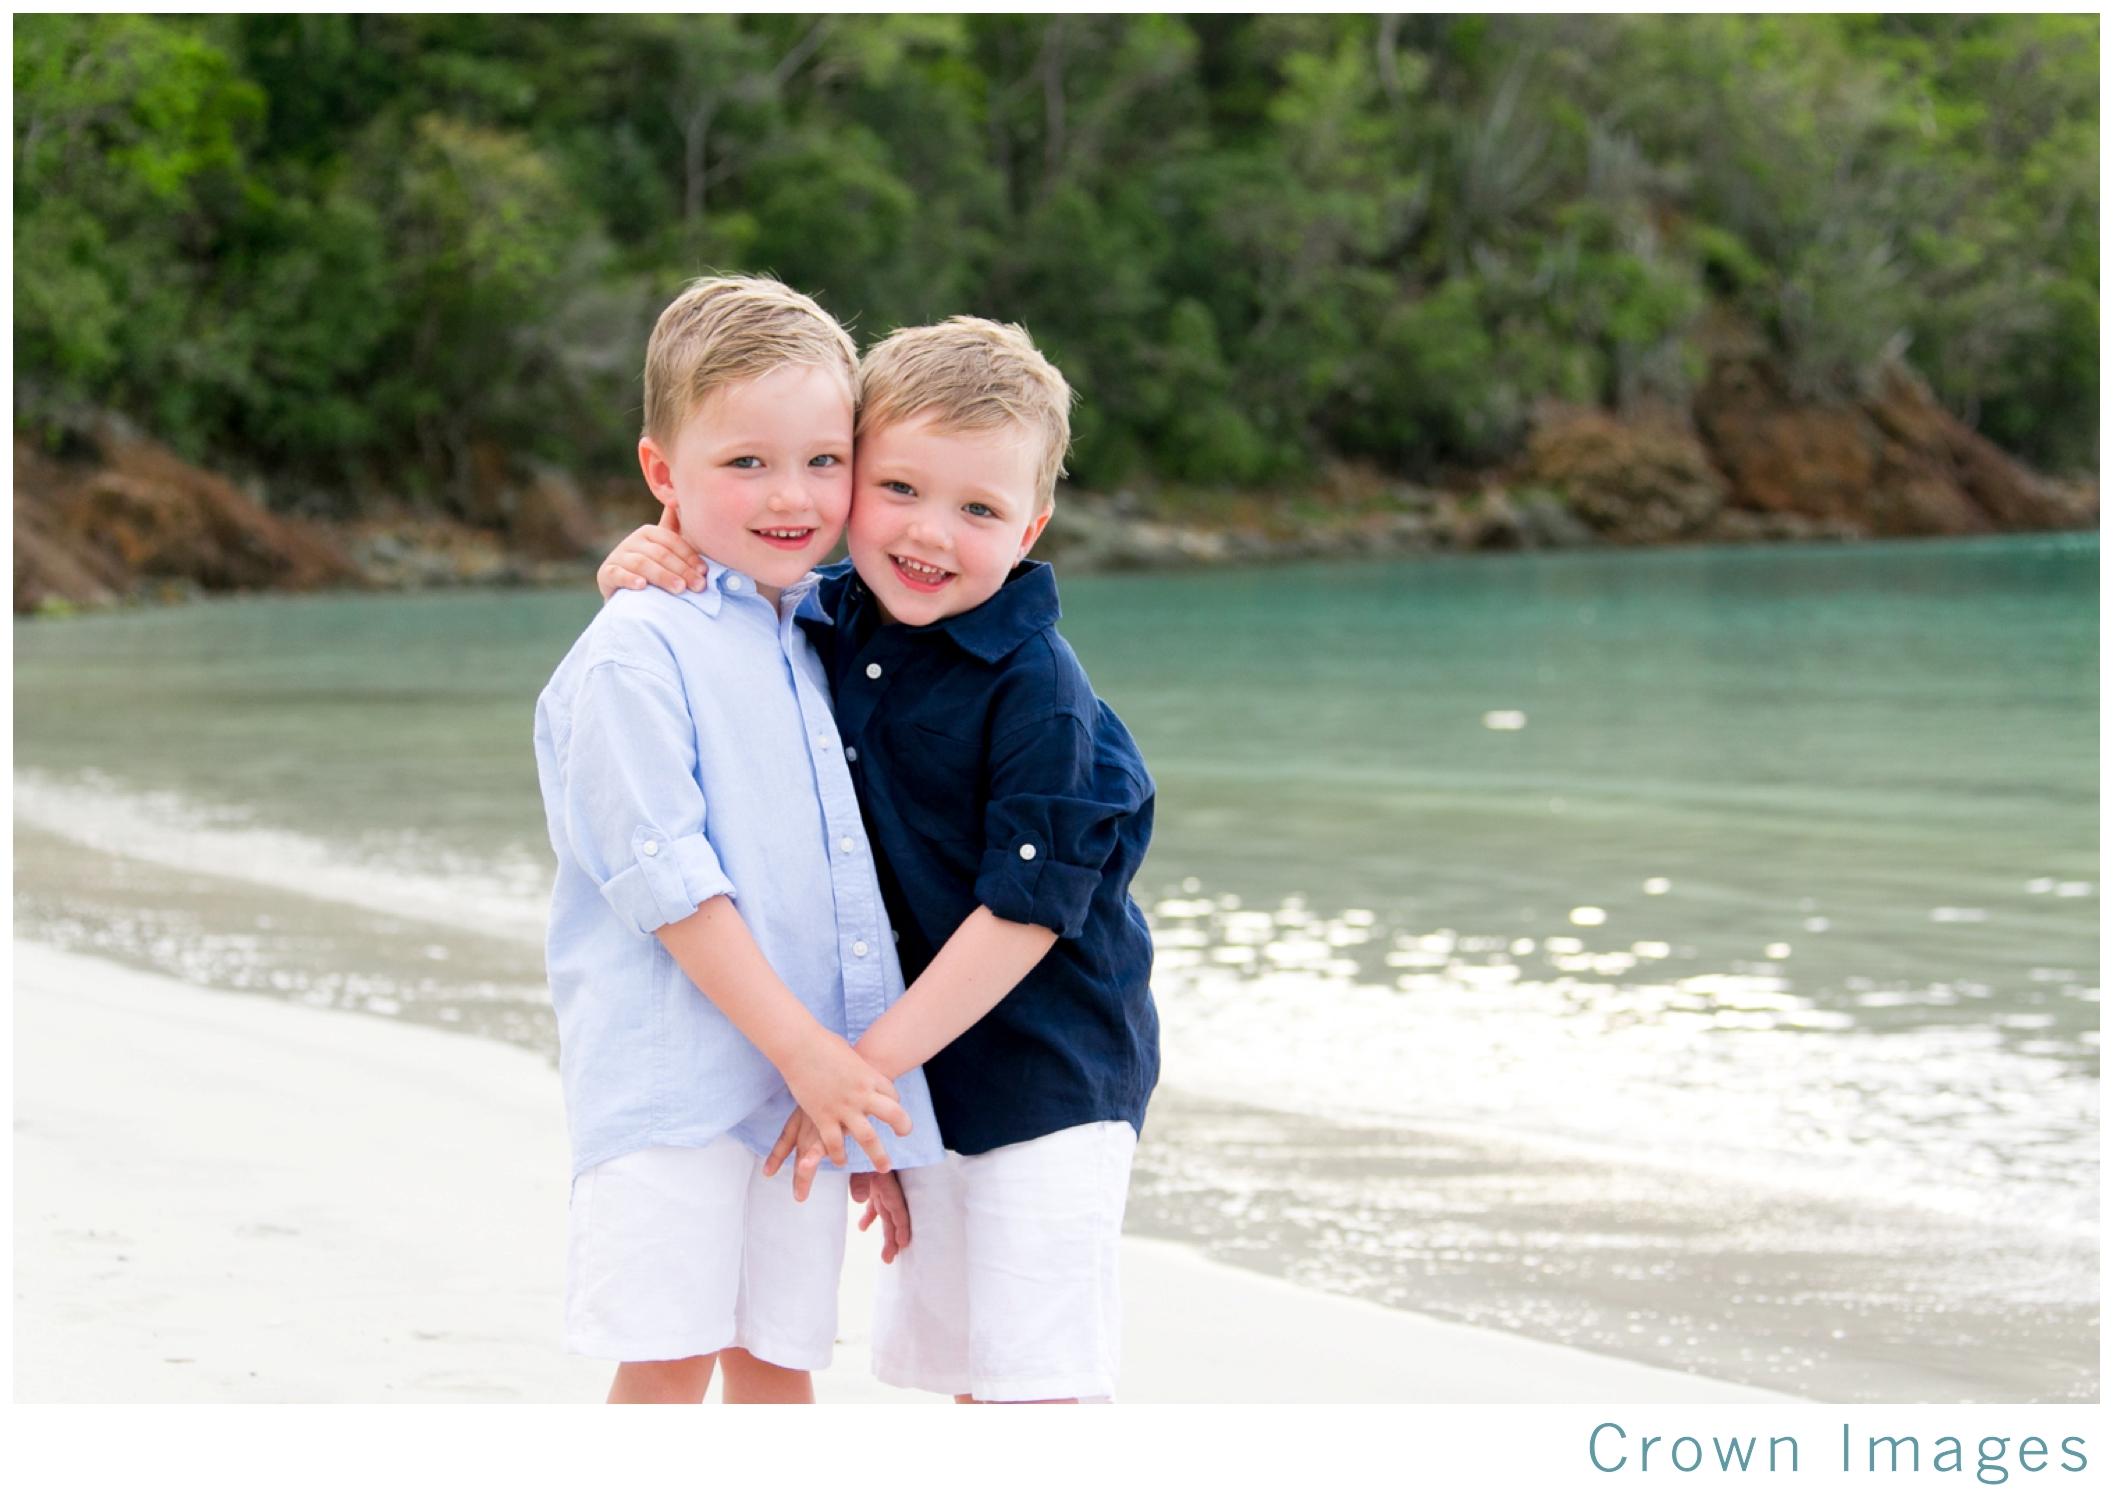 st thomas family photos on the beach_1328.jpg